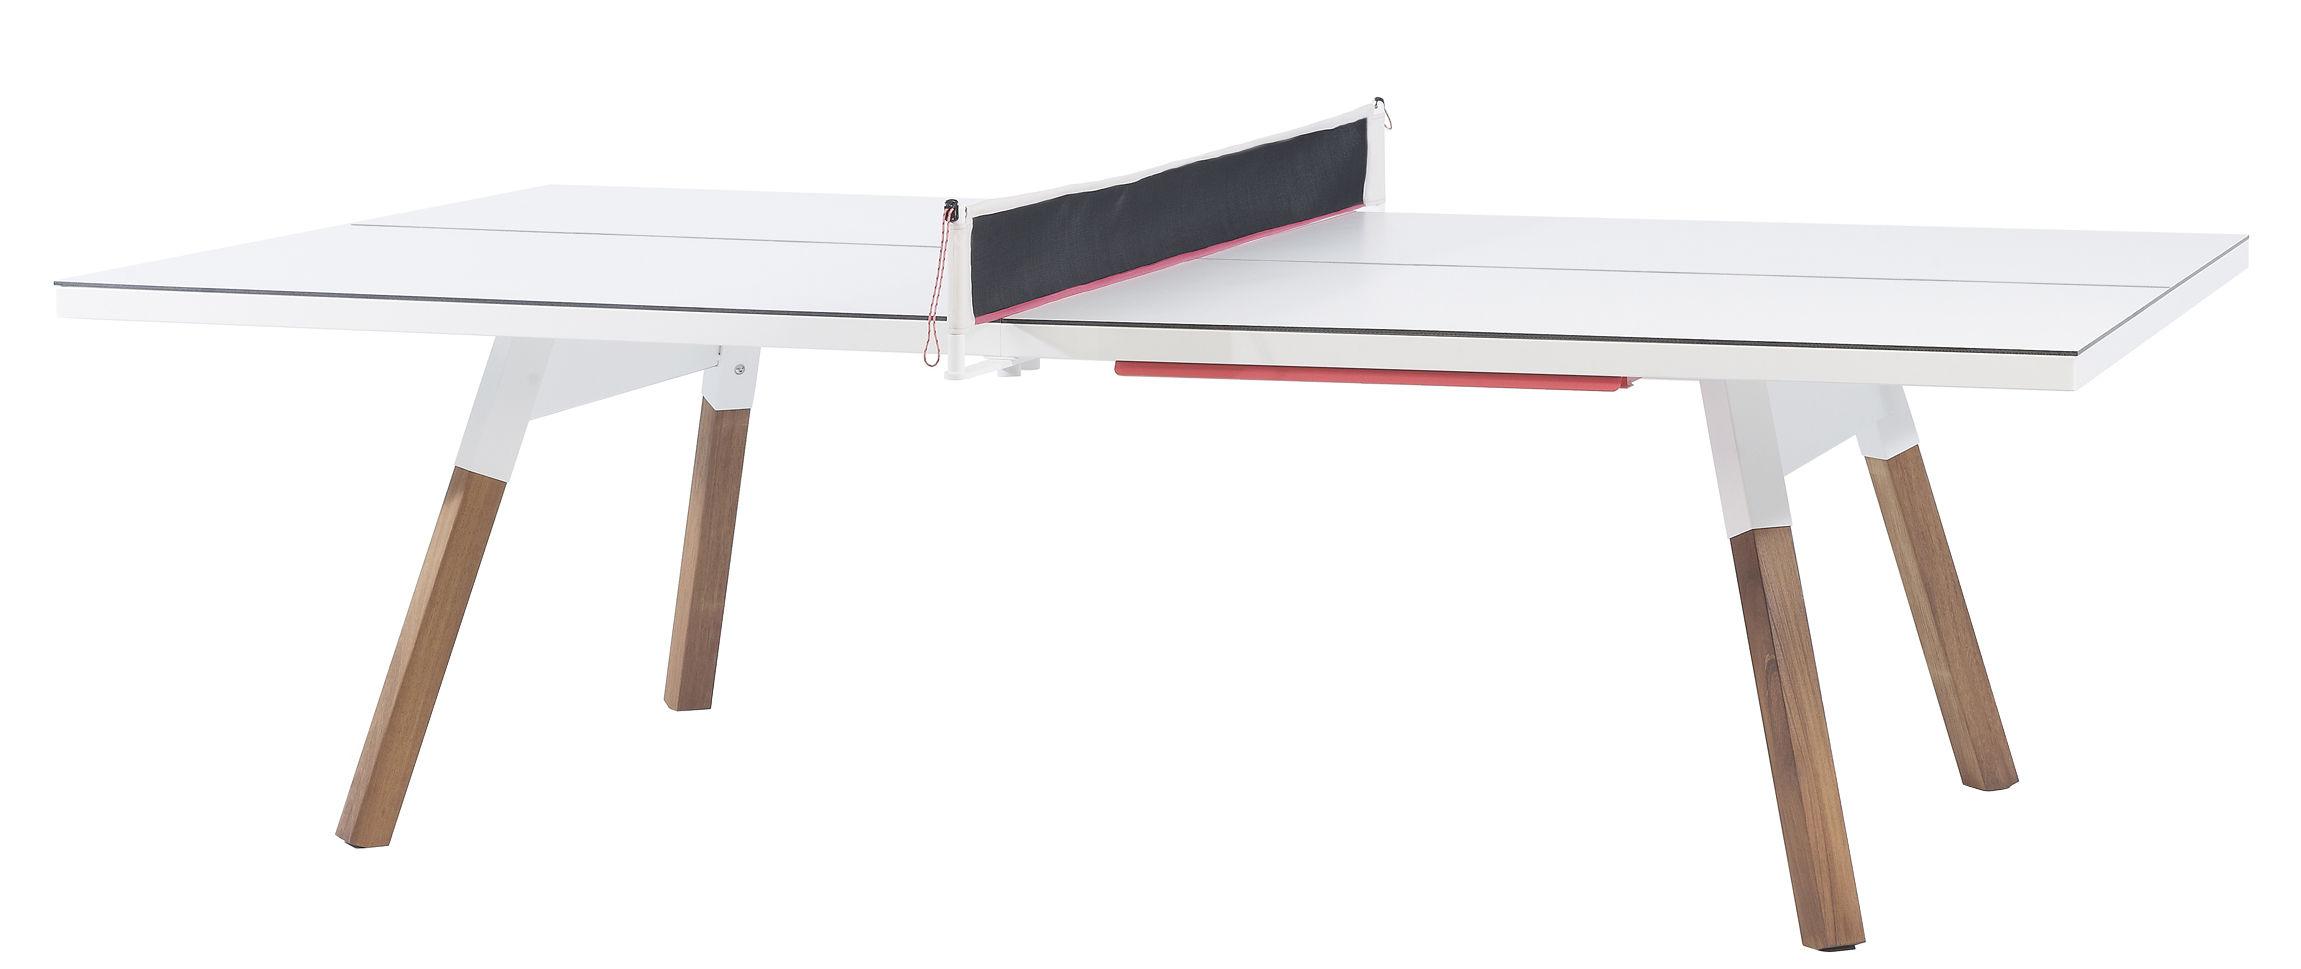 Outdoor - Tische - Y&M rechteckiger Tisch / L 274 cm - Tischtennisplatte und Esstisch - RS BARCELONA - Weiß / Tischgestell holzfarben - HPL, Iroko-Holz, Stahl